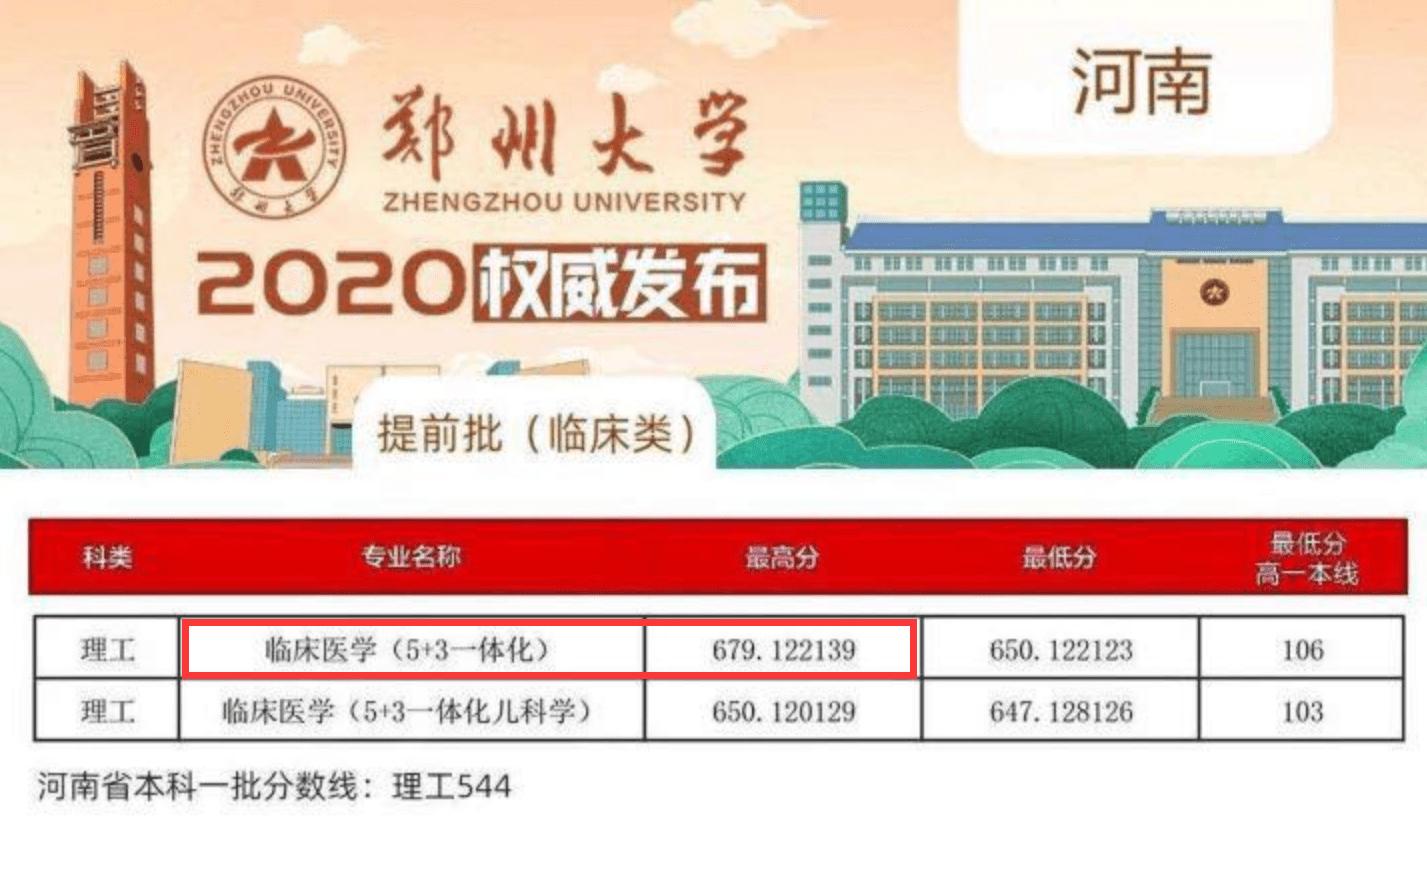 湘雅医学院录取分数线(湘雅临床八年制分数线)